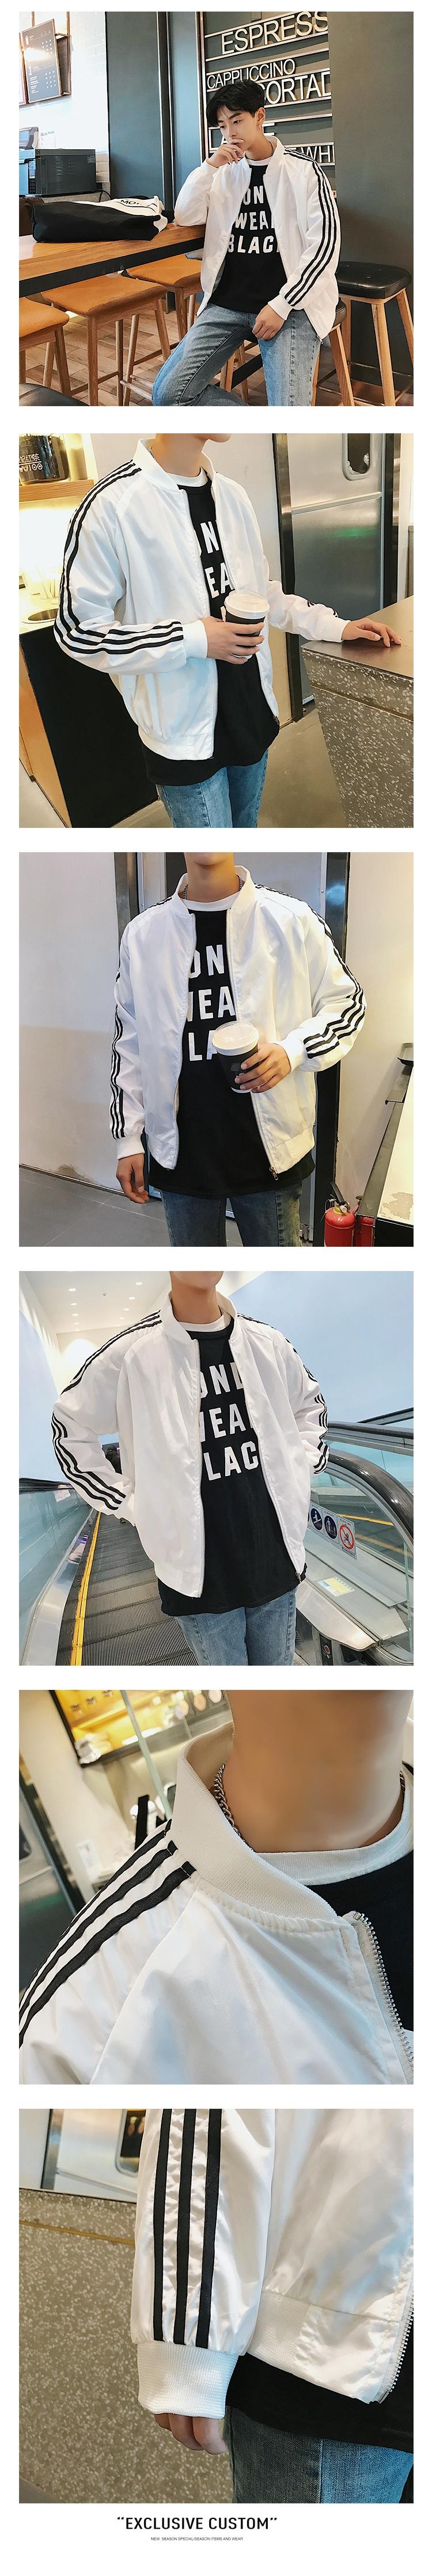 Mùa xuân người đàn ông mới của đẹp trai hoang dã áo khoác mỏng Hàn Quốc phiên bản của xu hướng của sinh viên Hồng Kông gió áo khoác dài tay quần áo giản dị